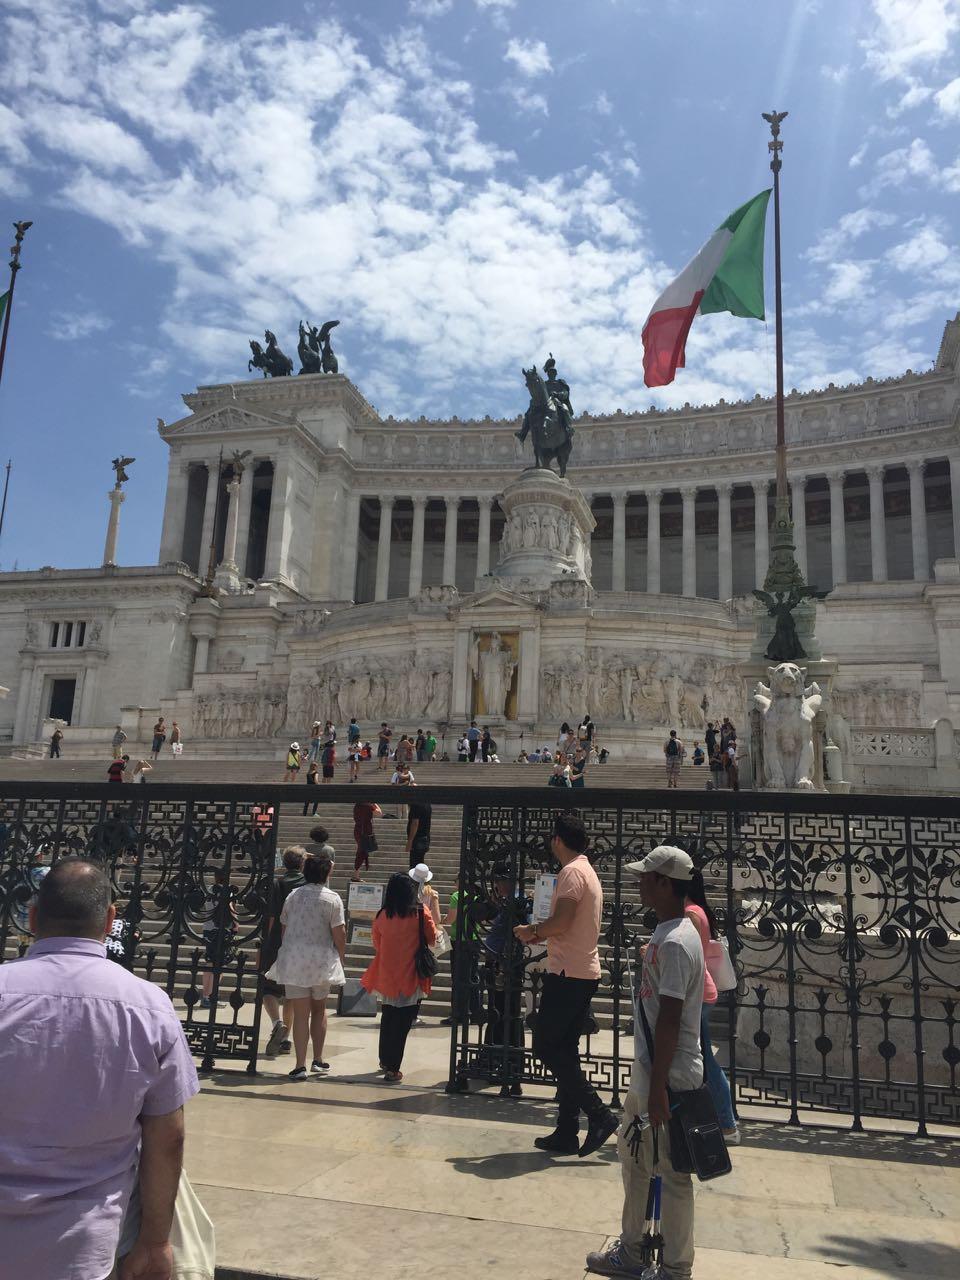 1FT Rome Italy - Campitelli - Lazio, May 20, 2015 - 15 of 75